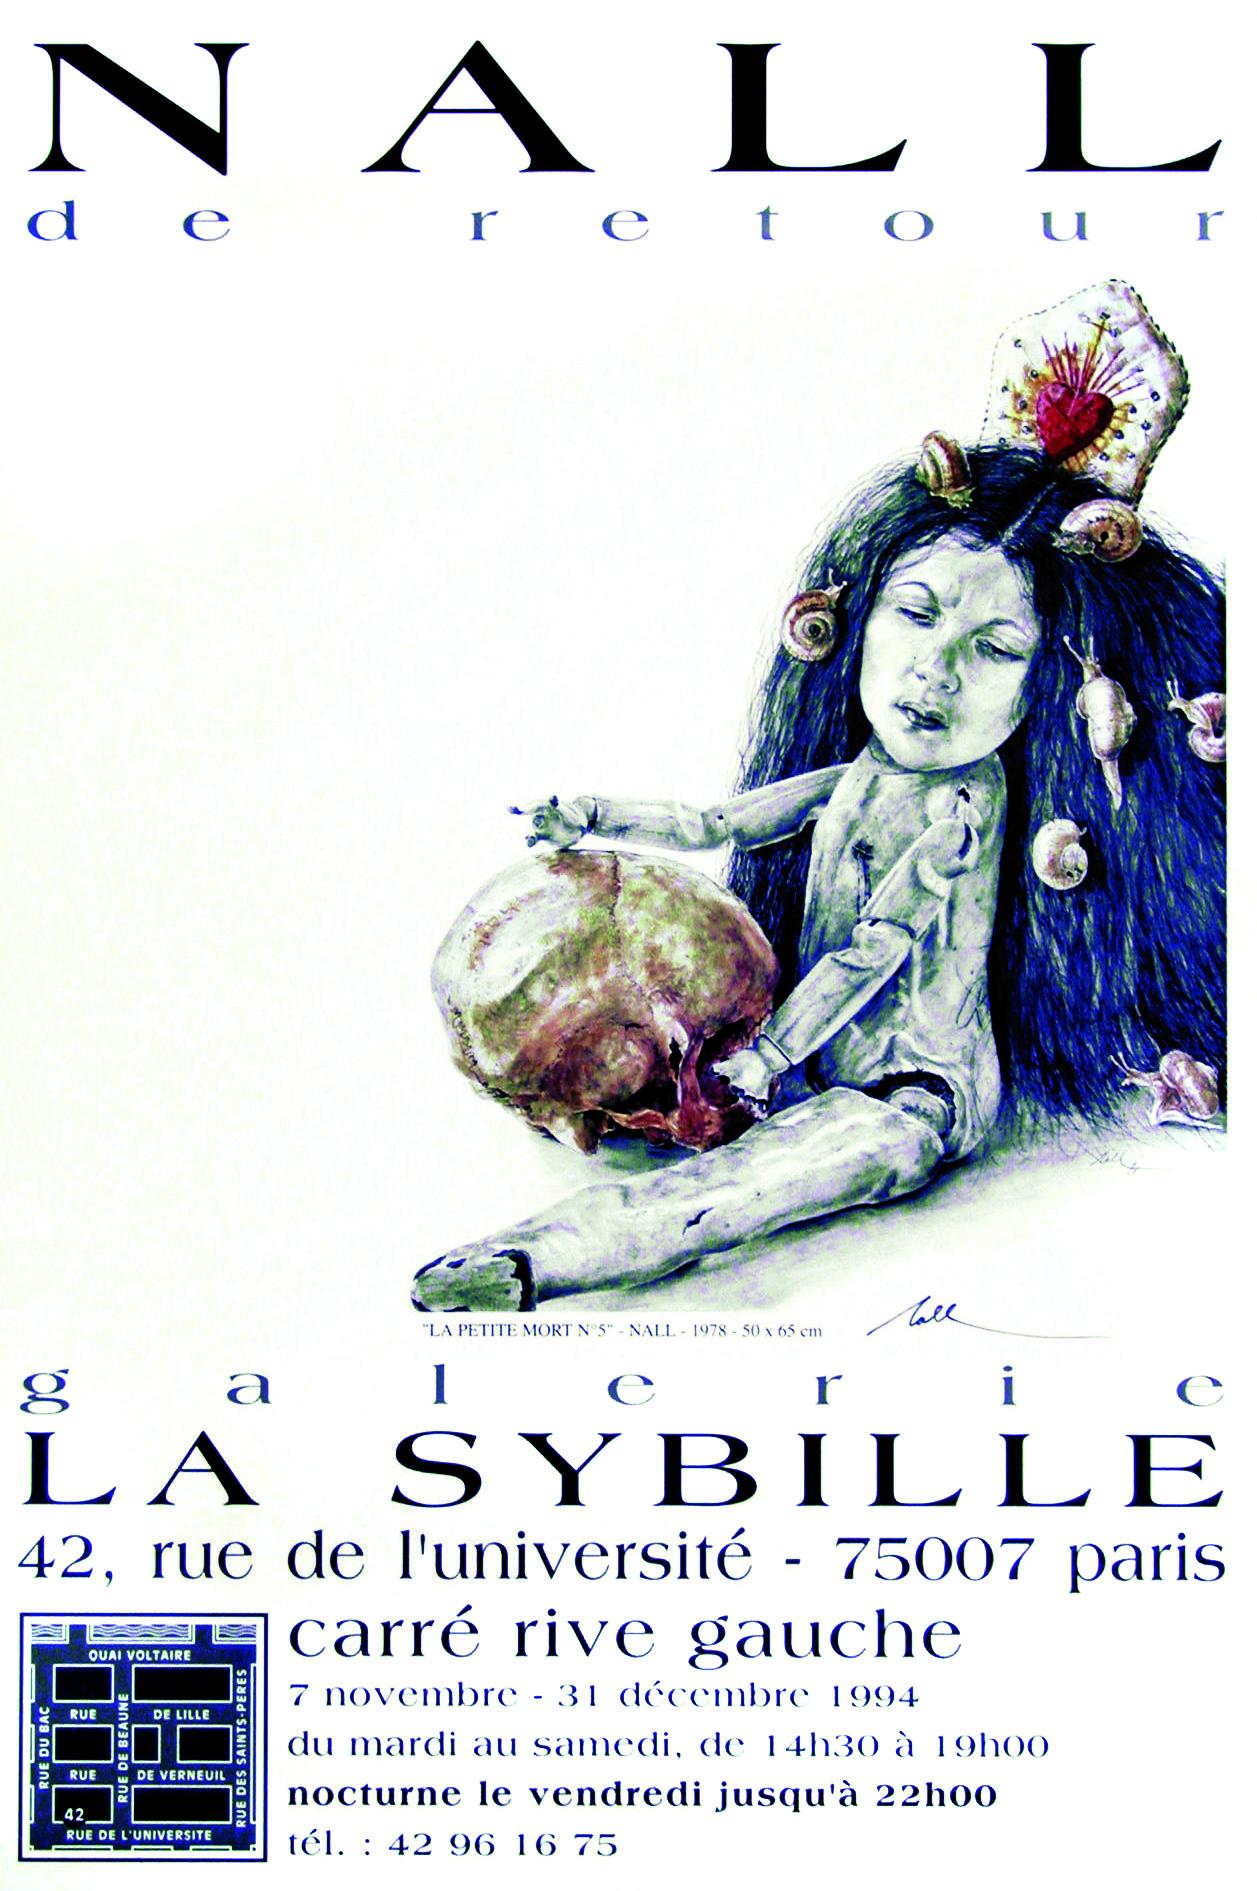 La Sybille - 1994